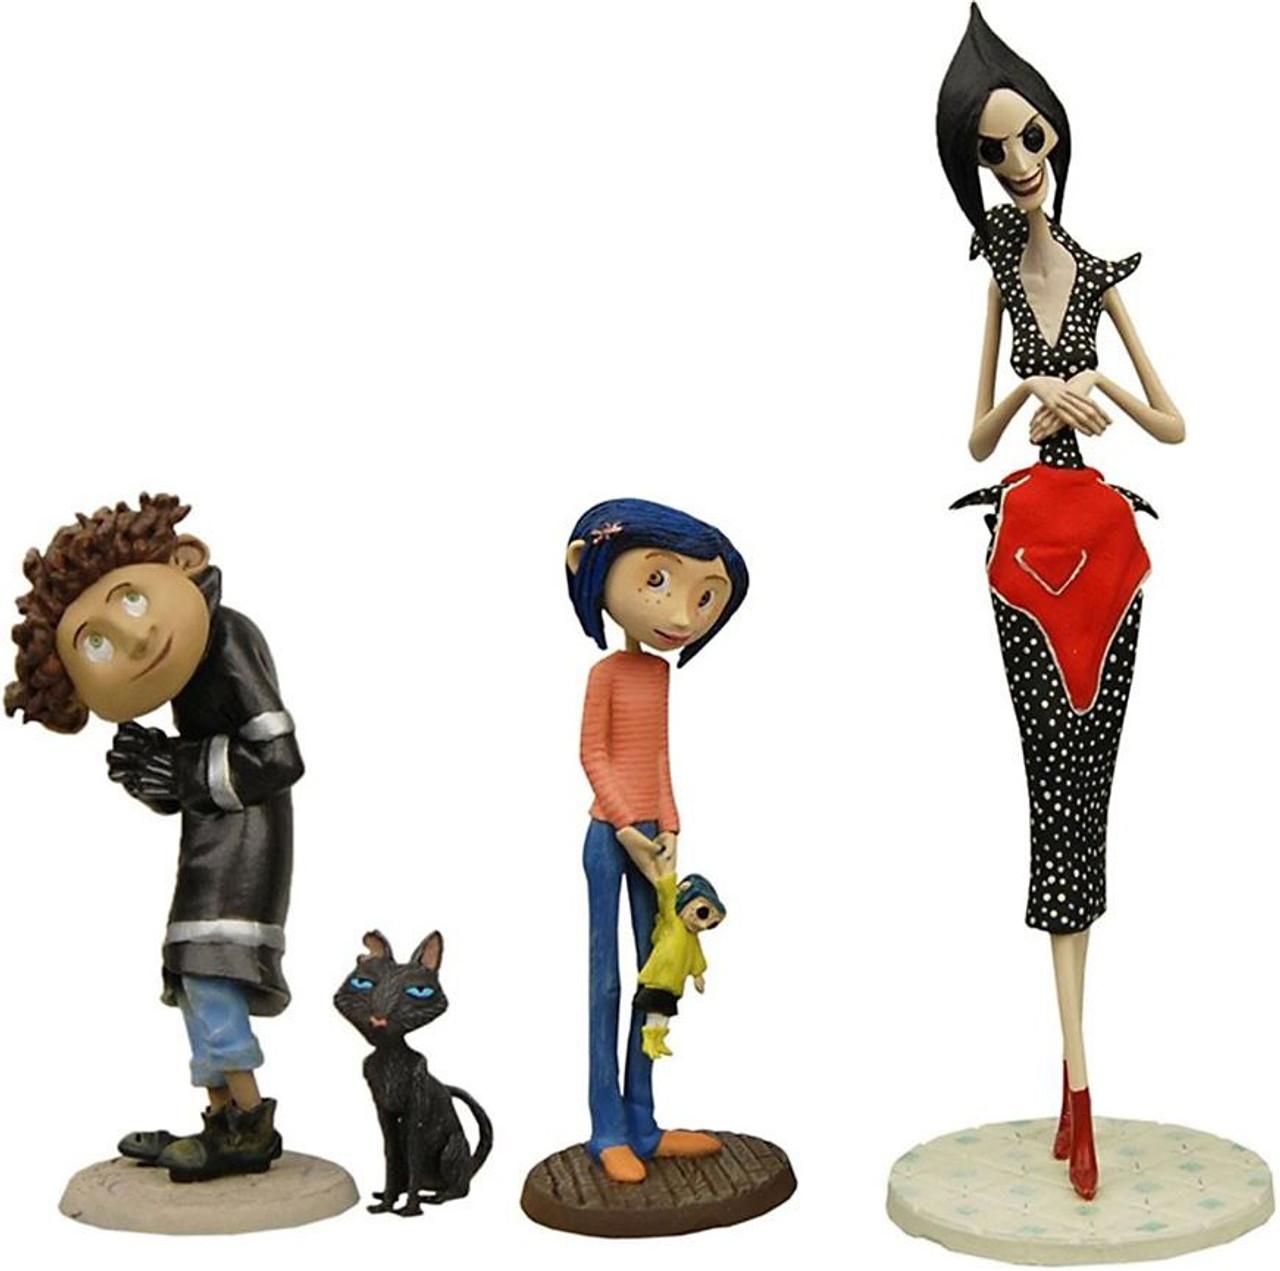 672dcb5b820 NECA Coraline Best of Coraline 4-Piece PVC Set - ToyWiz